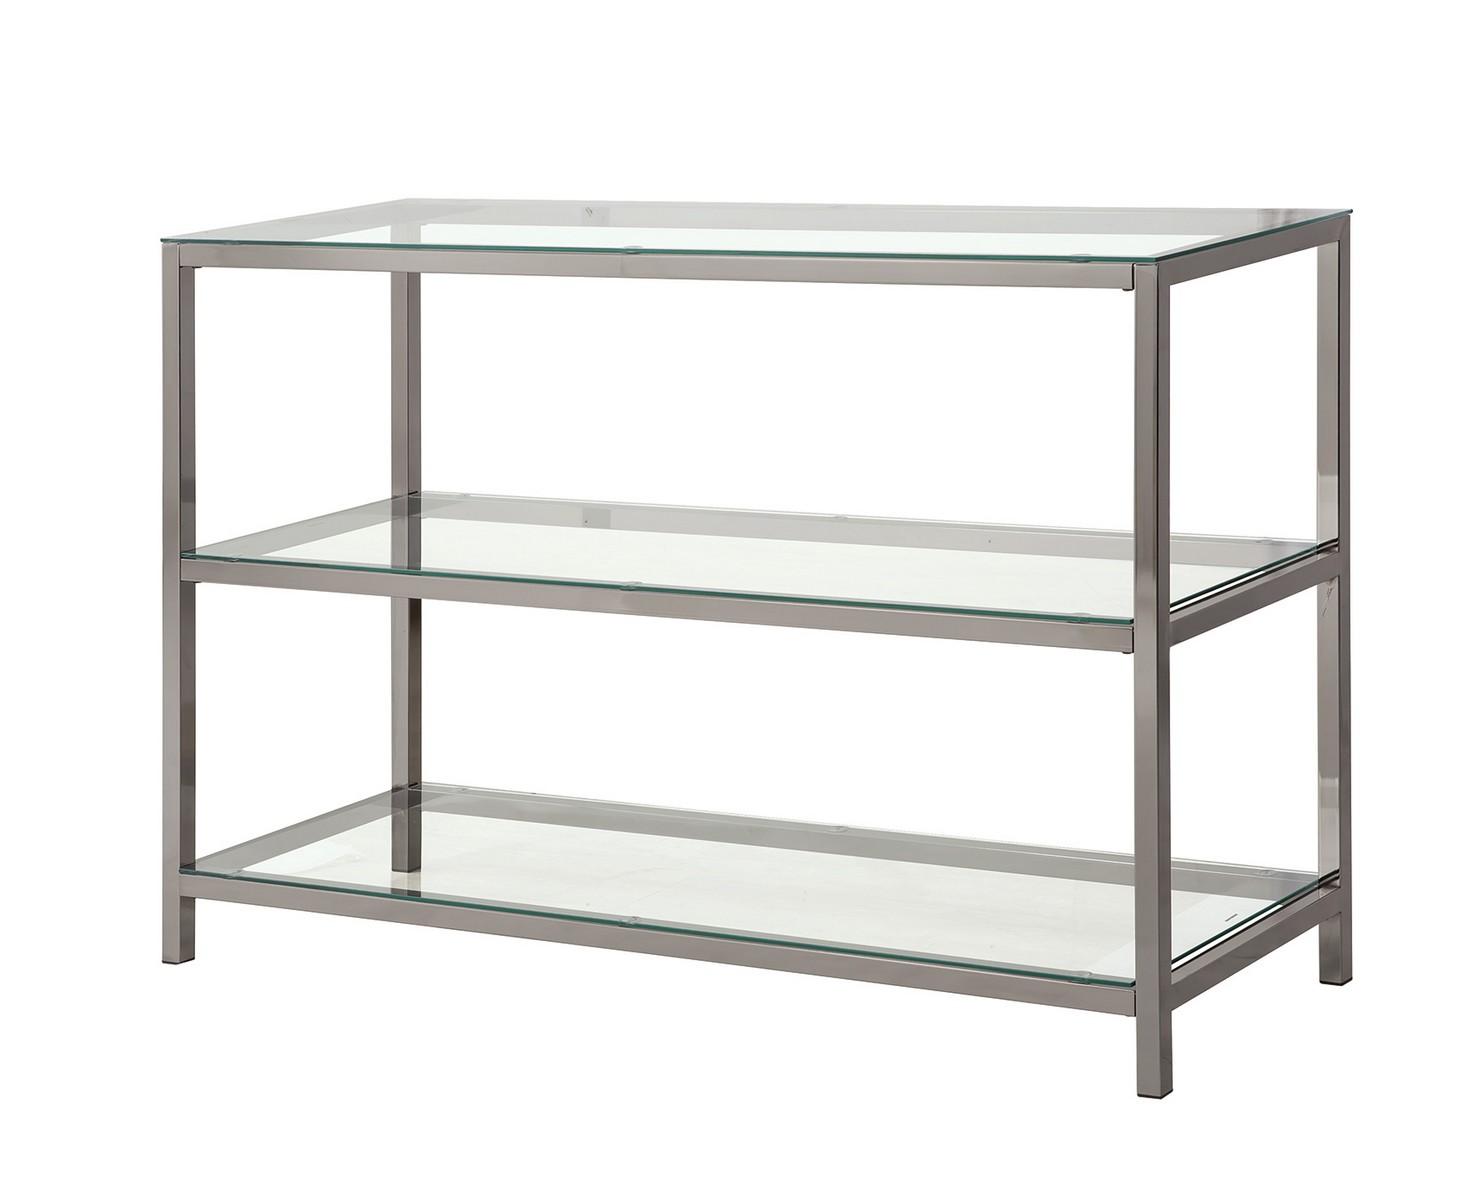 Coaster 720229 Sofa Table - Black Nickel